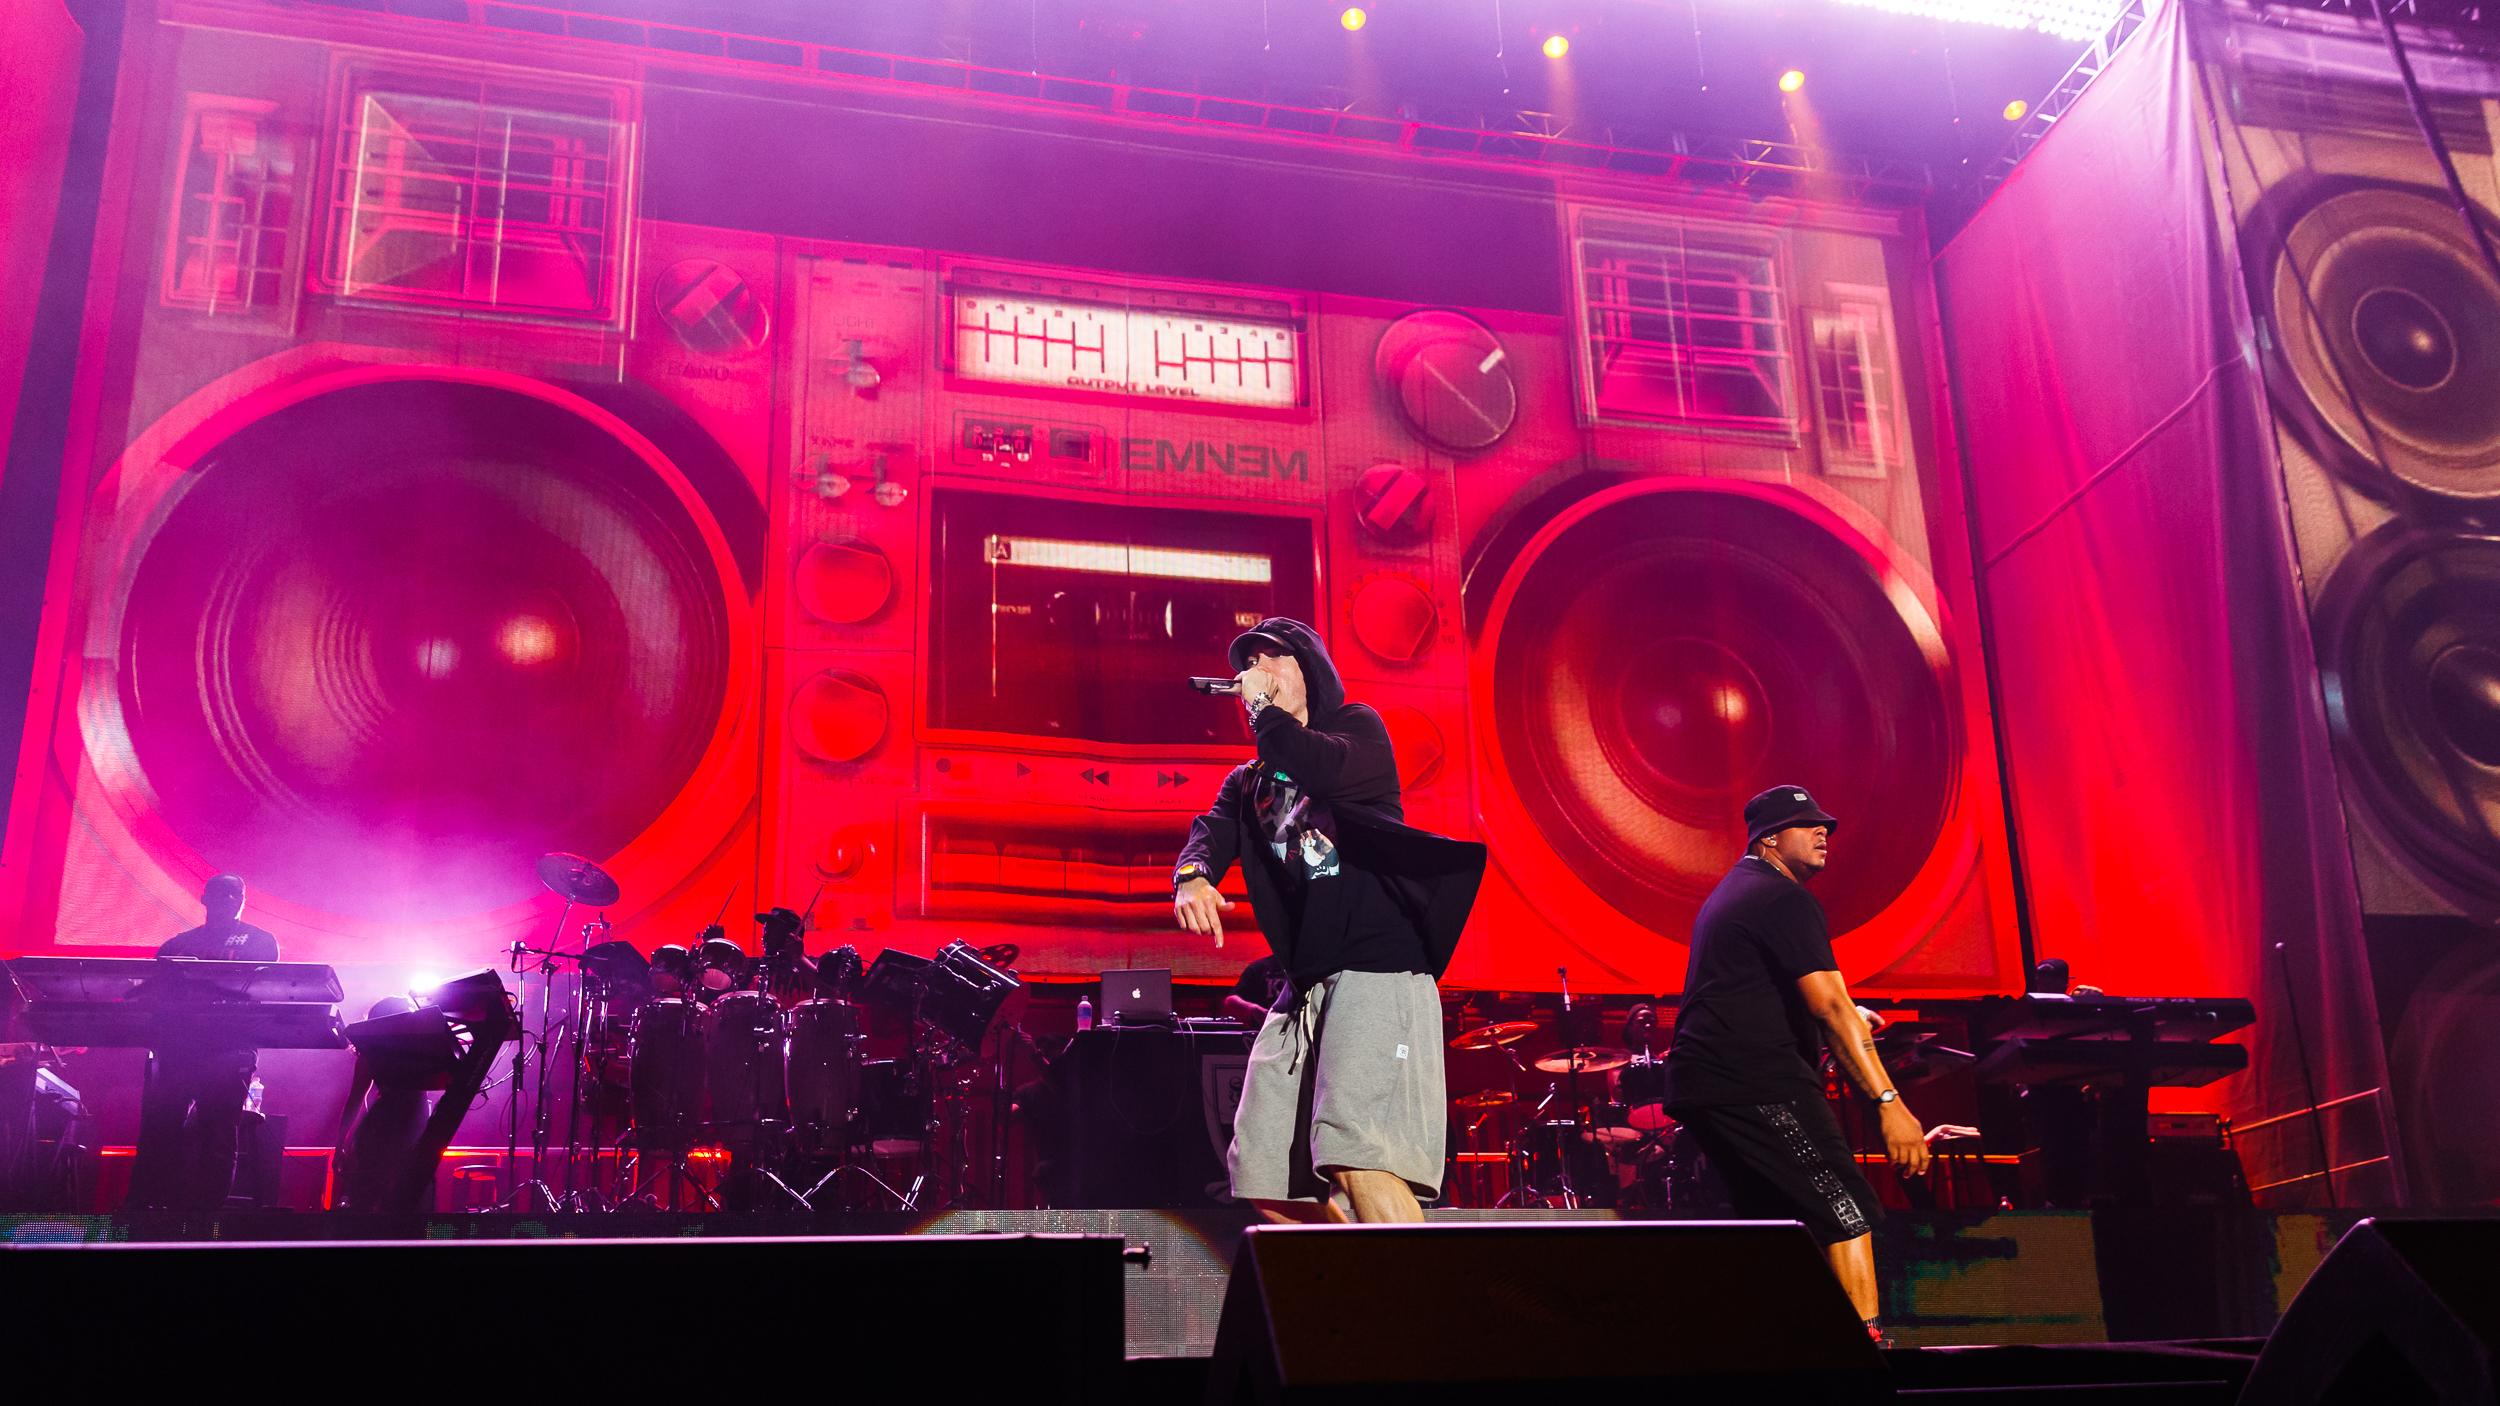 Eminem_photo8.jpg